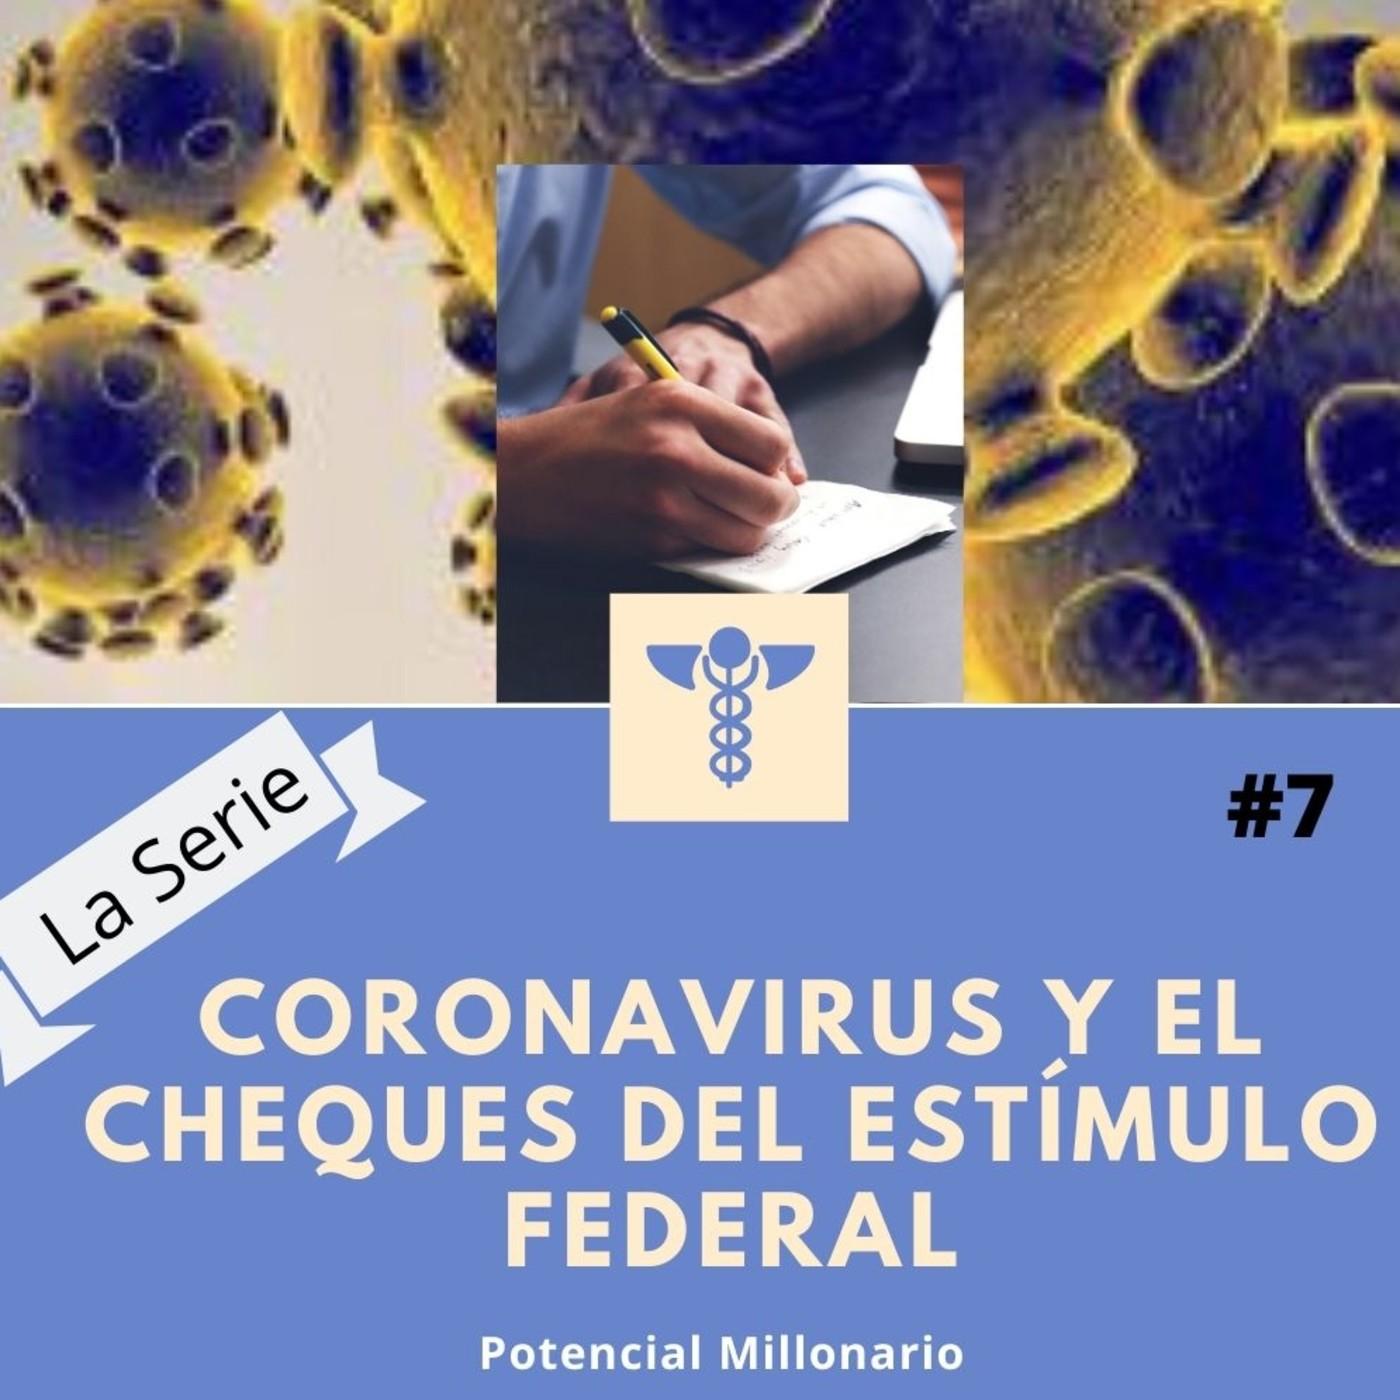 Coronavirus y el cheque del estímulo federal